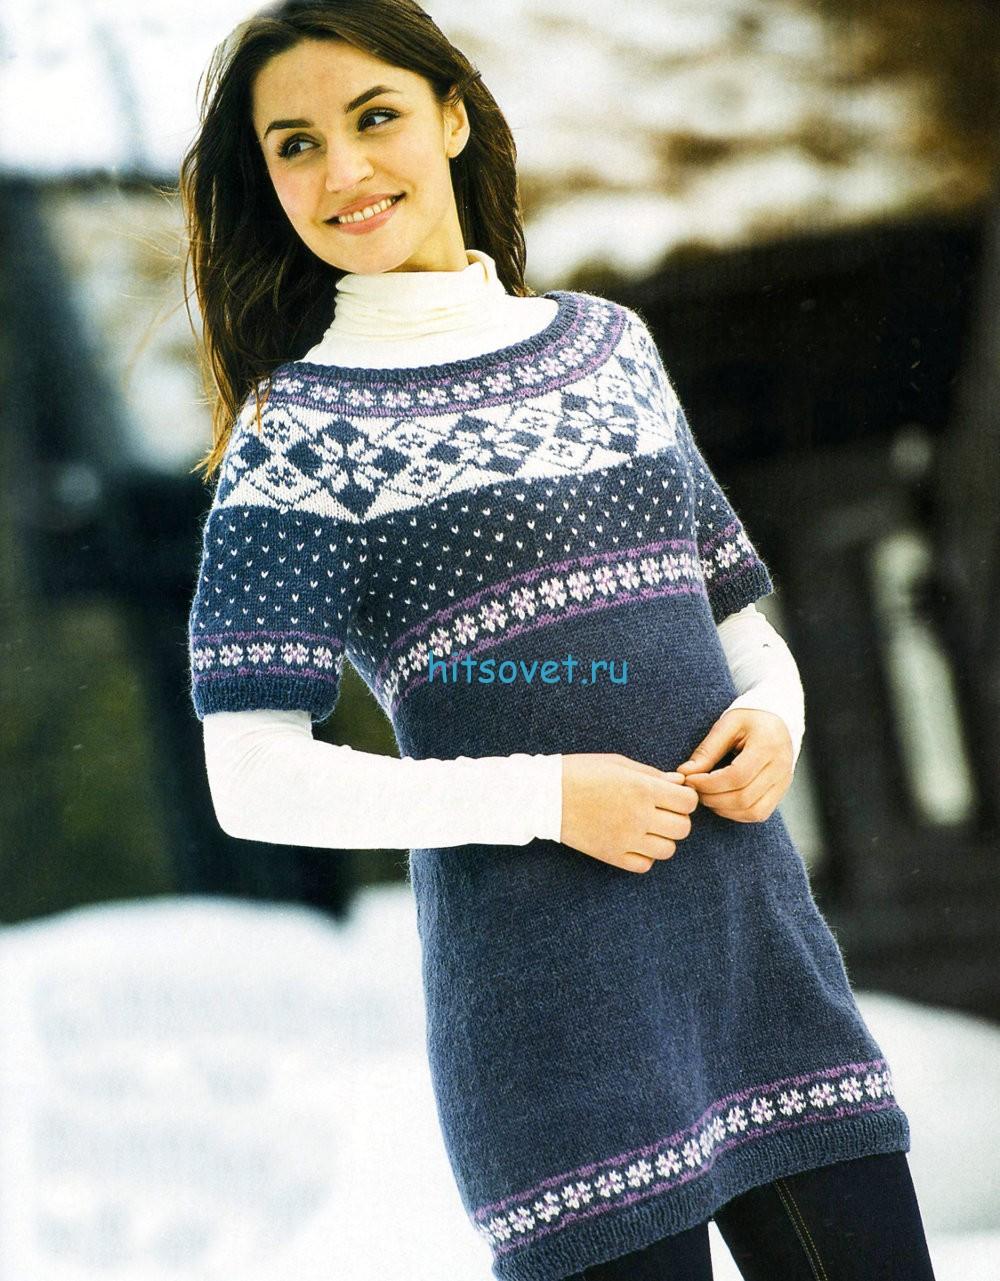 Вязание туники с цветной кокеткой, фото.